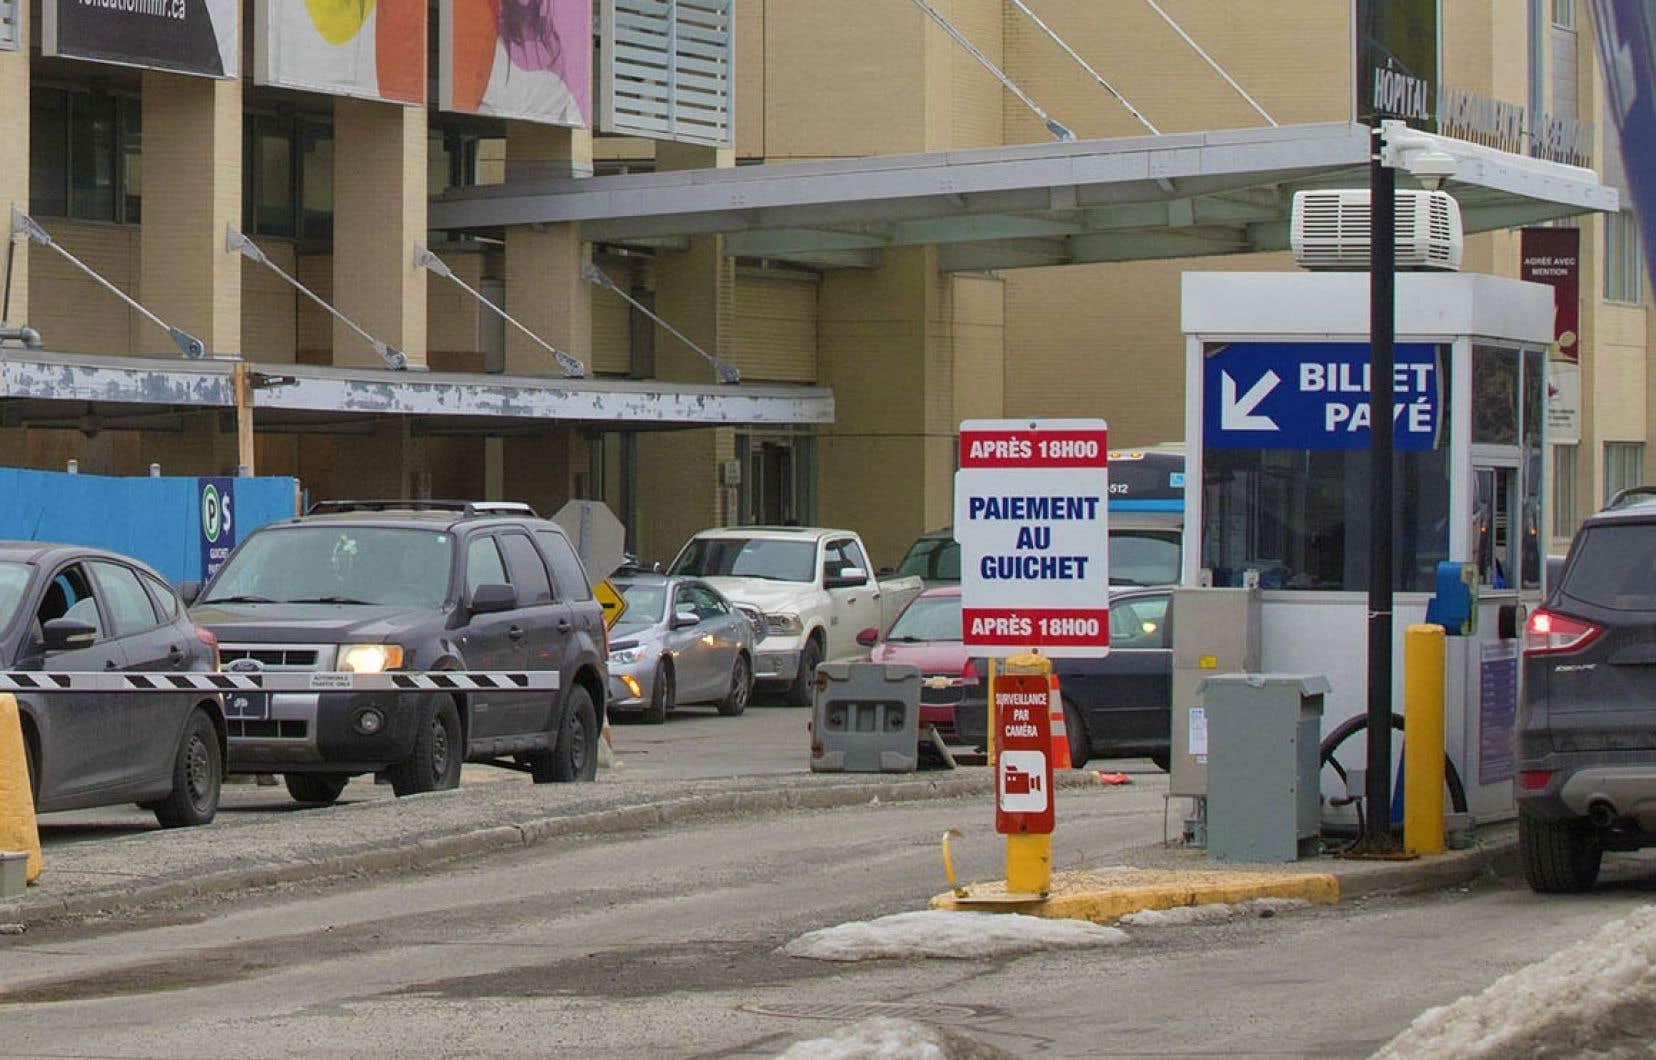 «Ce que je veux vous dire aujourd'hui, c'est que les deux premières heures vont être gratuites, puis le tarif ne dépassera pas 7$ ou 10$ pour la journée dans un stationnement», a déclaré la ministre de la Santé et des Services sociaux. Sur la photo, la guérite de l'hôpital Maisonneuve-Rosemont, à Montréal.